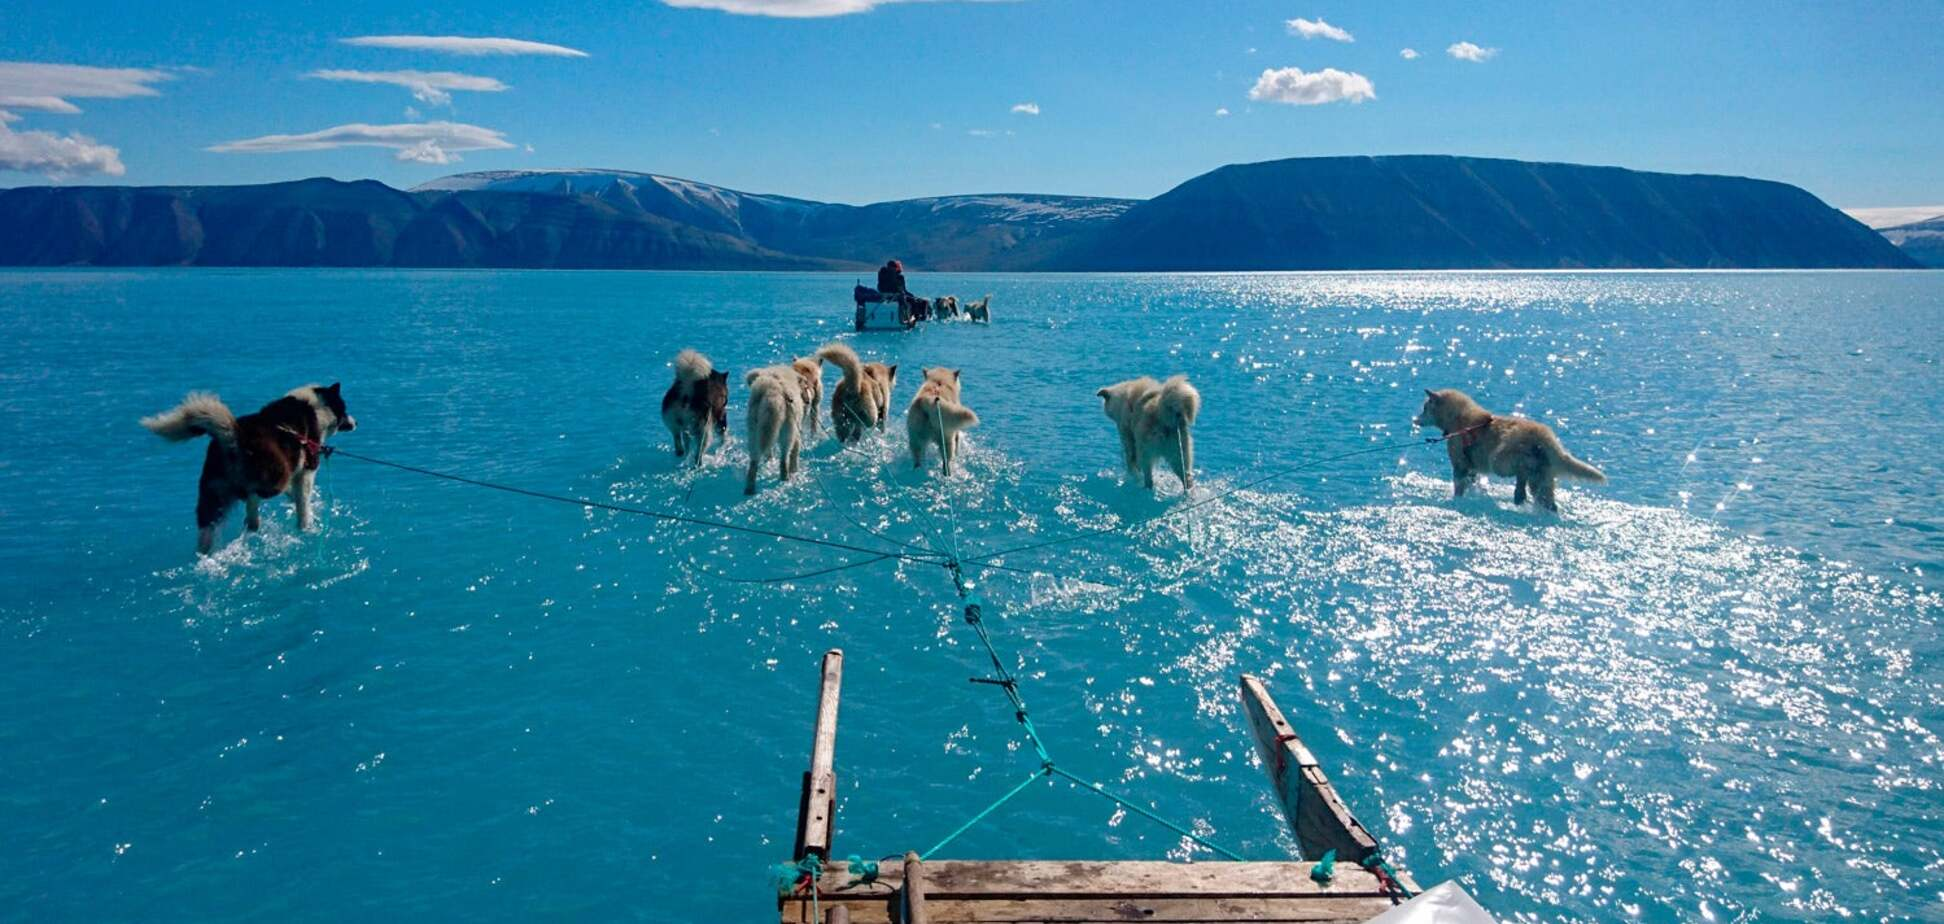 Гренландия решила зарабатывать на последствиях климатического кризиса